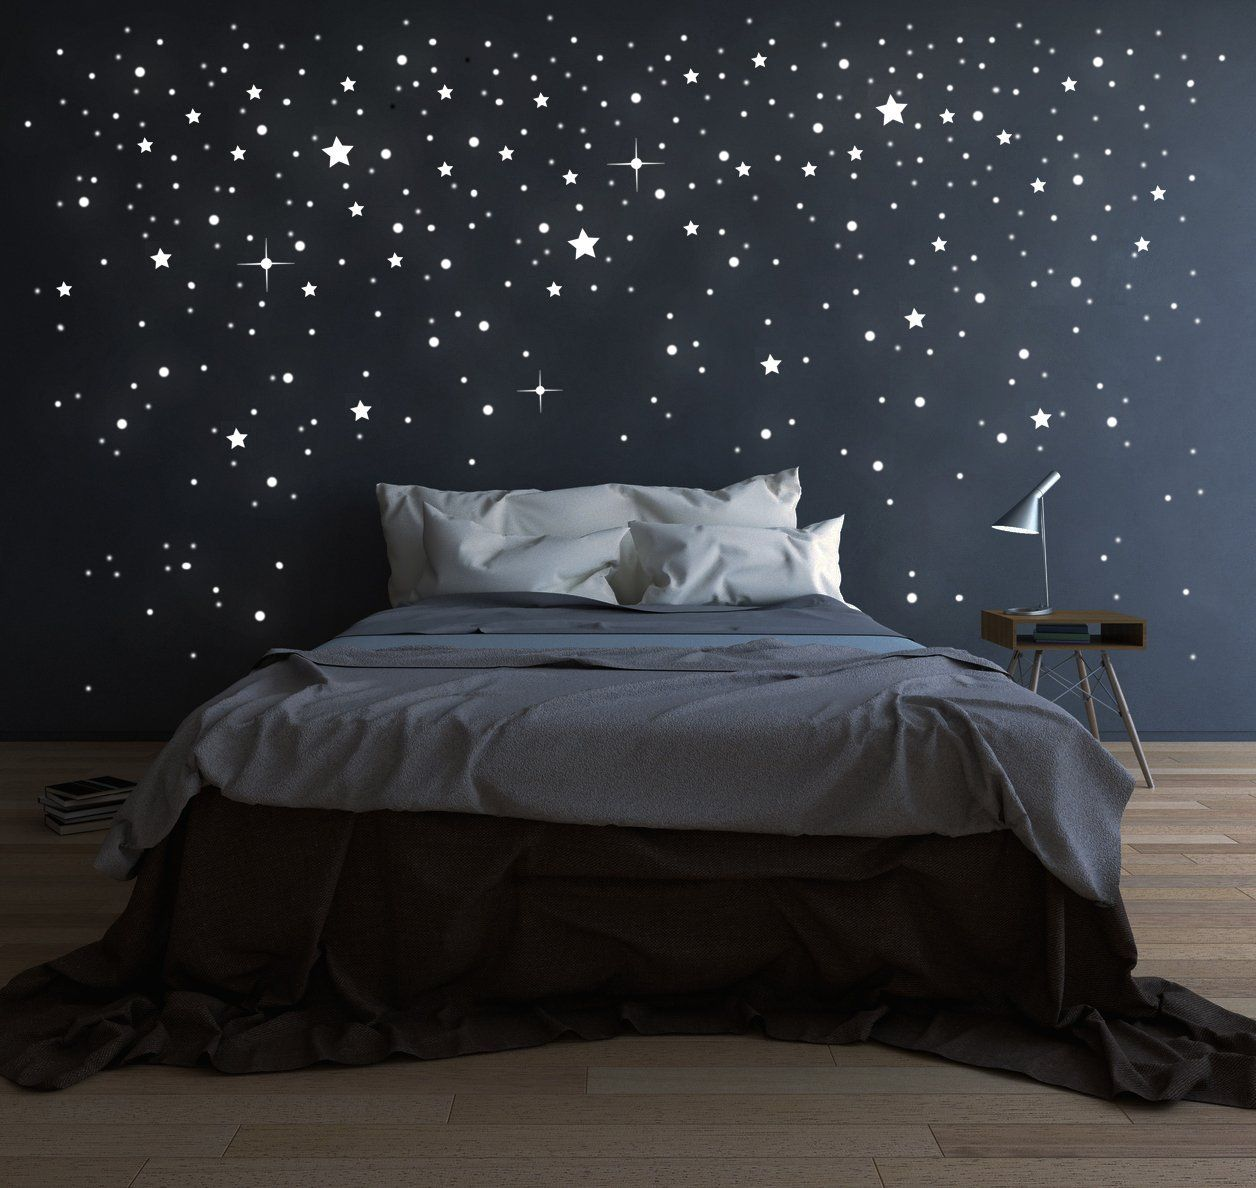 Amazon Wandtattoo Schlafzimmer  Riesen Sternenhimmel 708 Stk Sterne Wandtattoo